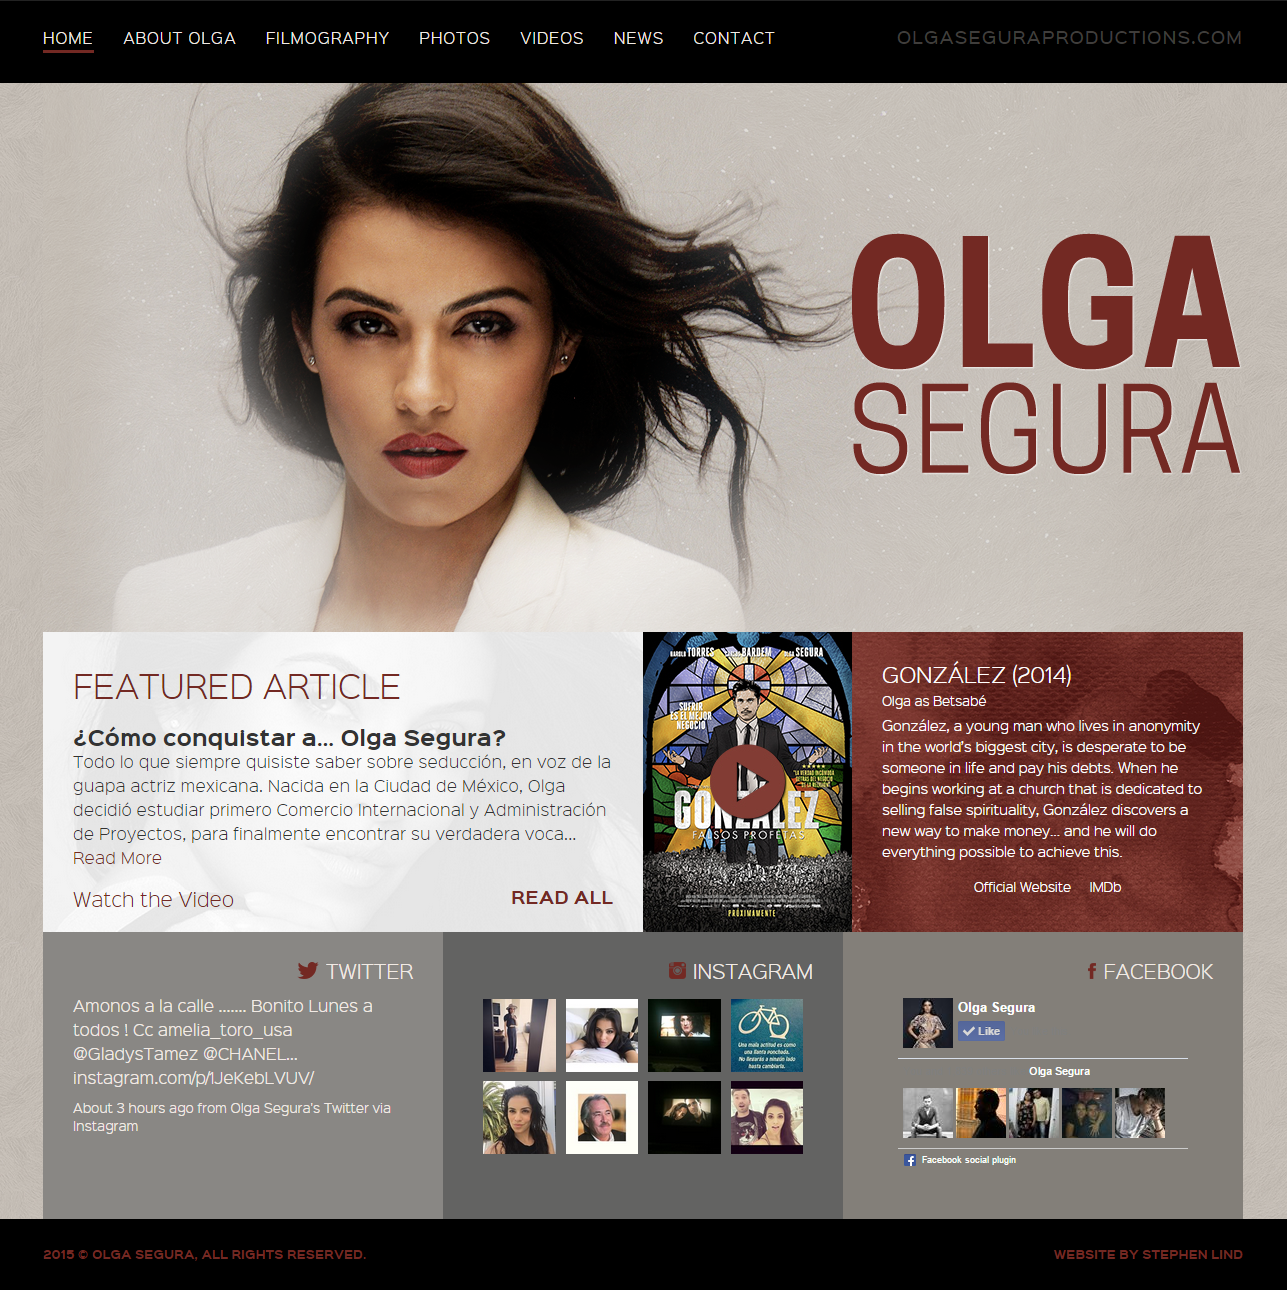 Olga Segura